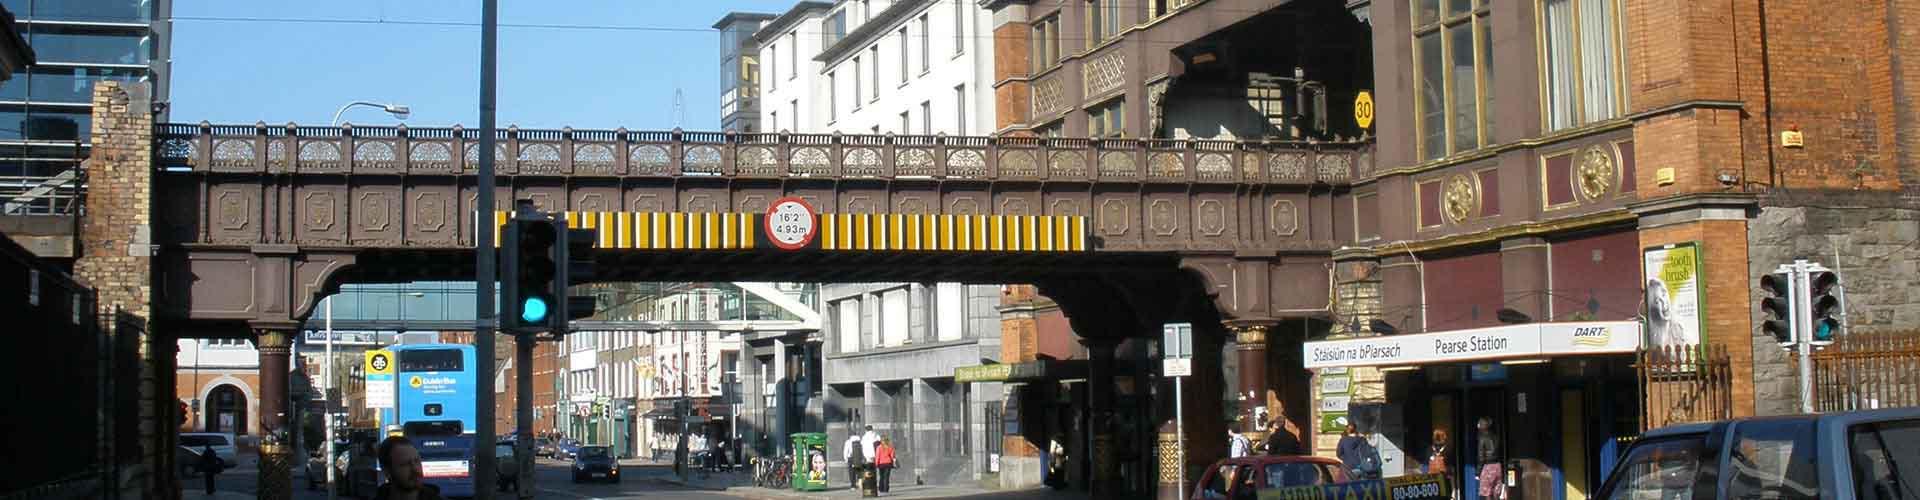 Dublin – Hostellit lähellä Dublin Pearse rautatieasema. Dublin -karttoja, valokuvia ja arvosteluja kaikista Dublin -hostelleista.